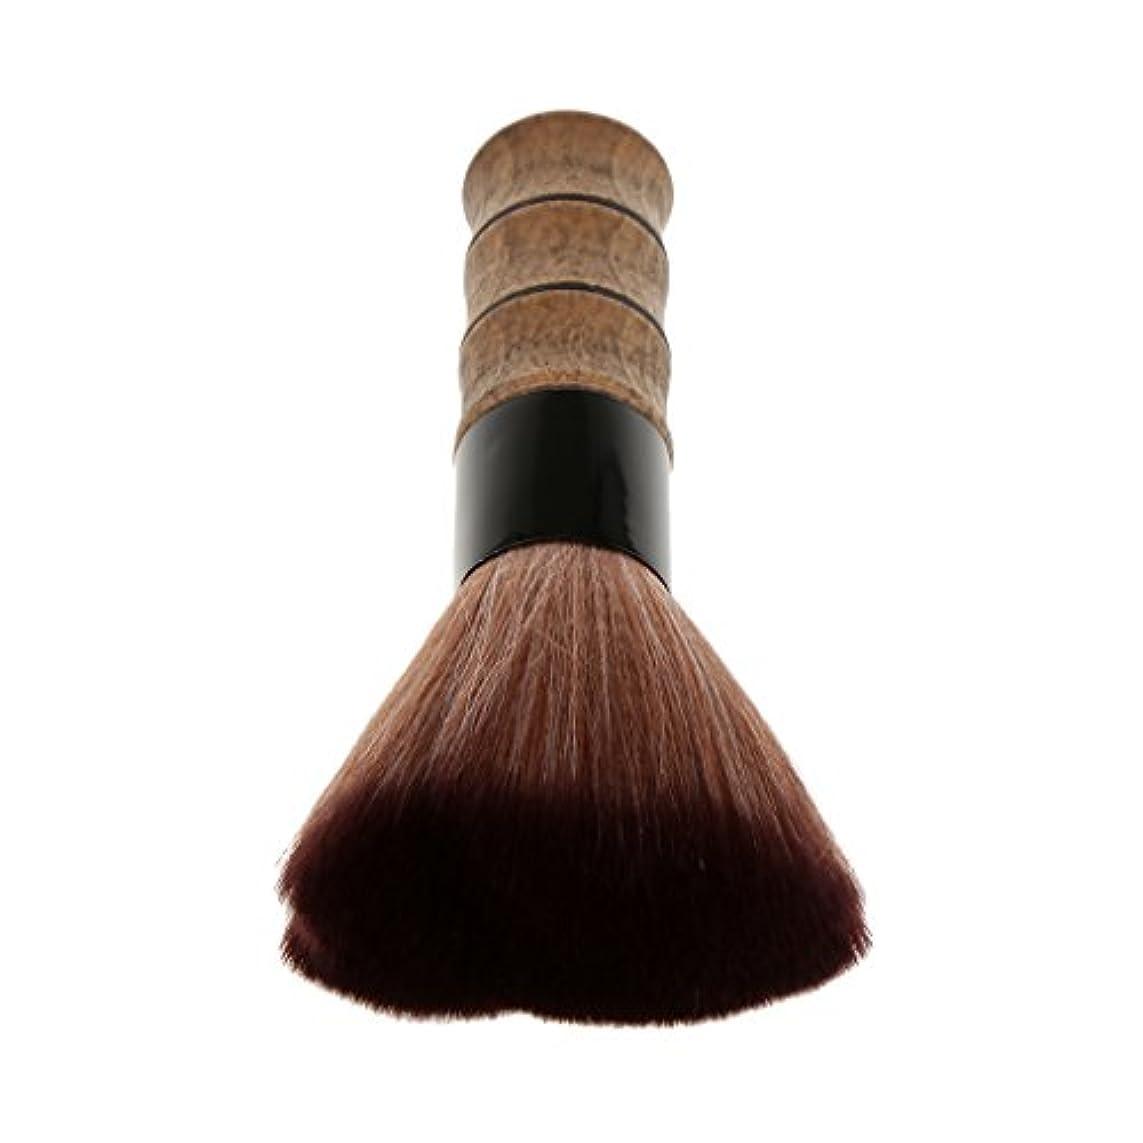 章しわラメ顔の首の毛の切断の塵の剃るブラシの顔の赤面の粉の構造のブラシ - 褐色